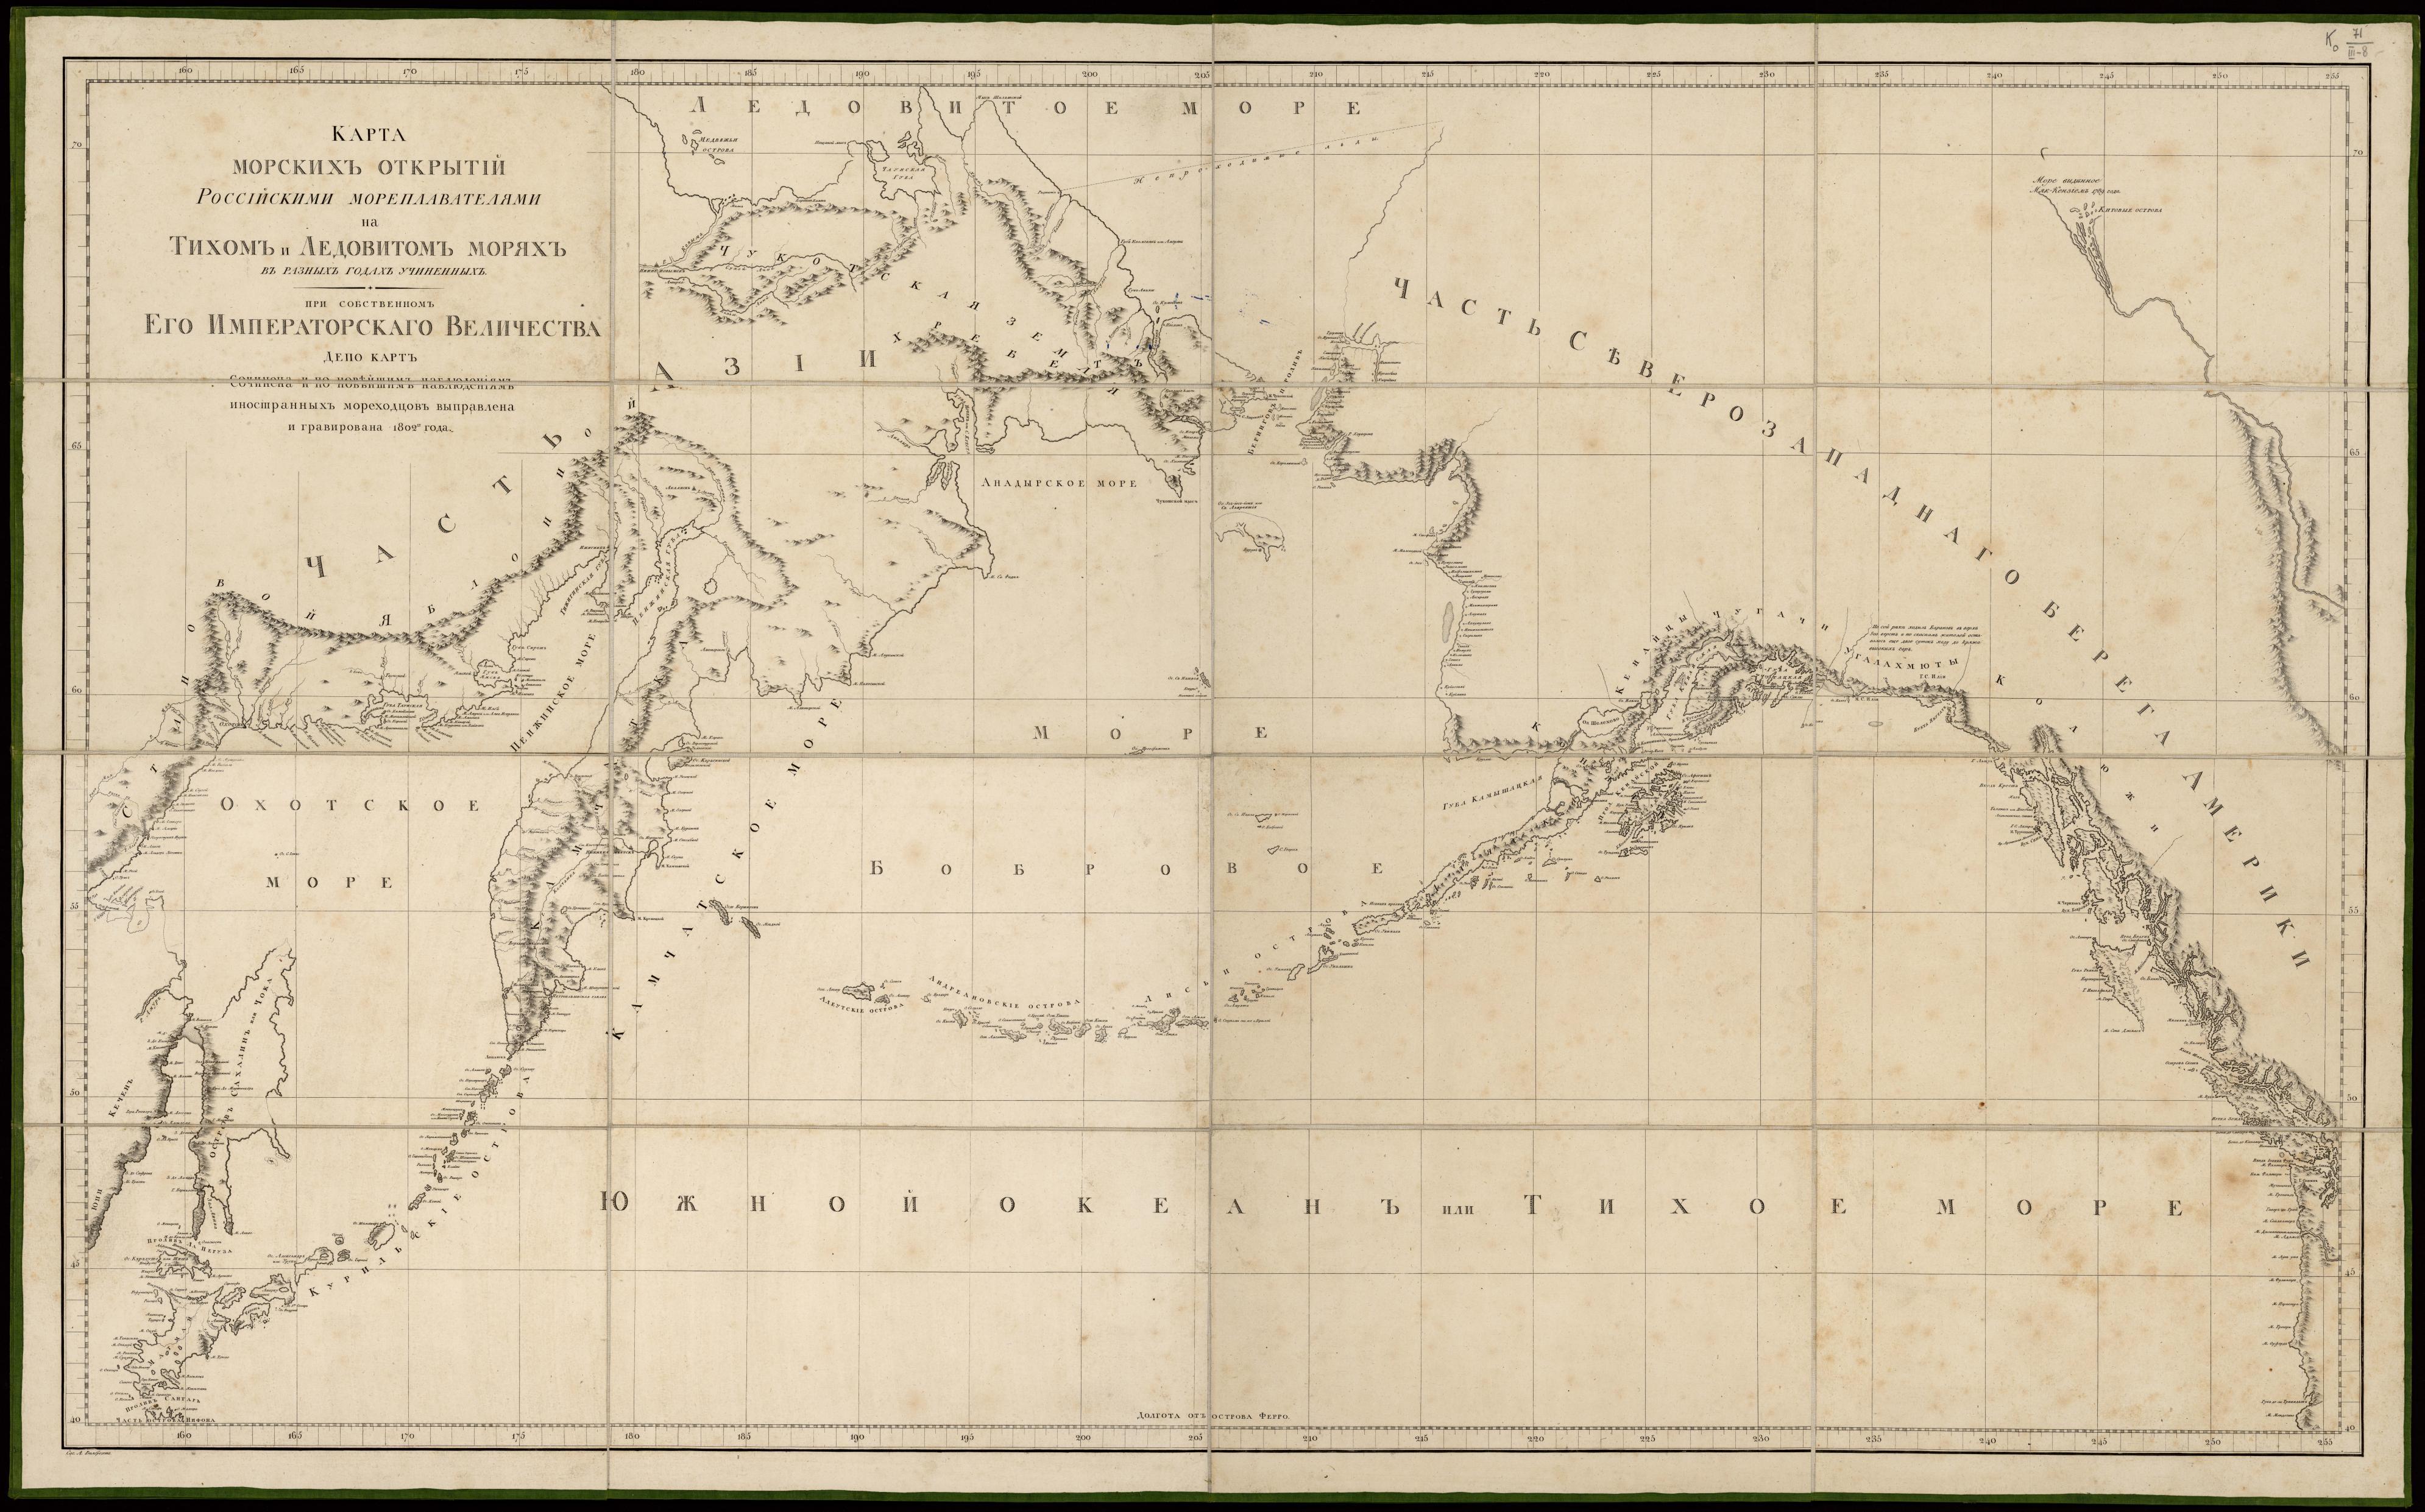 1802. Карта морских открытий российскими мореплавателями на Тихом и Ледовитом морях в разных годах учиненных  сочинена и по новейшим наблюдениям иностранных мореходцев выправлена и гравирована